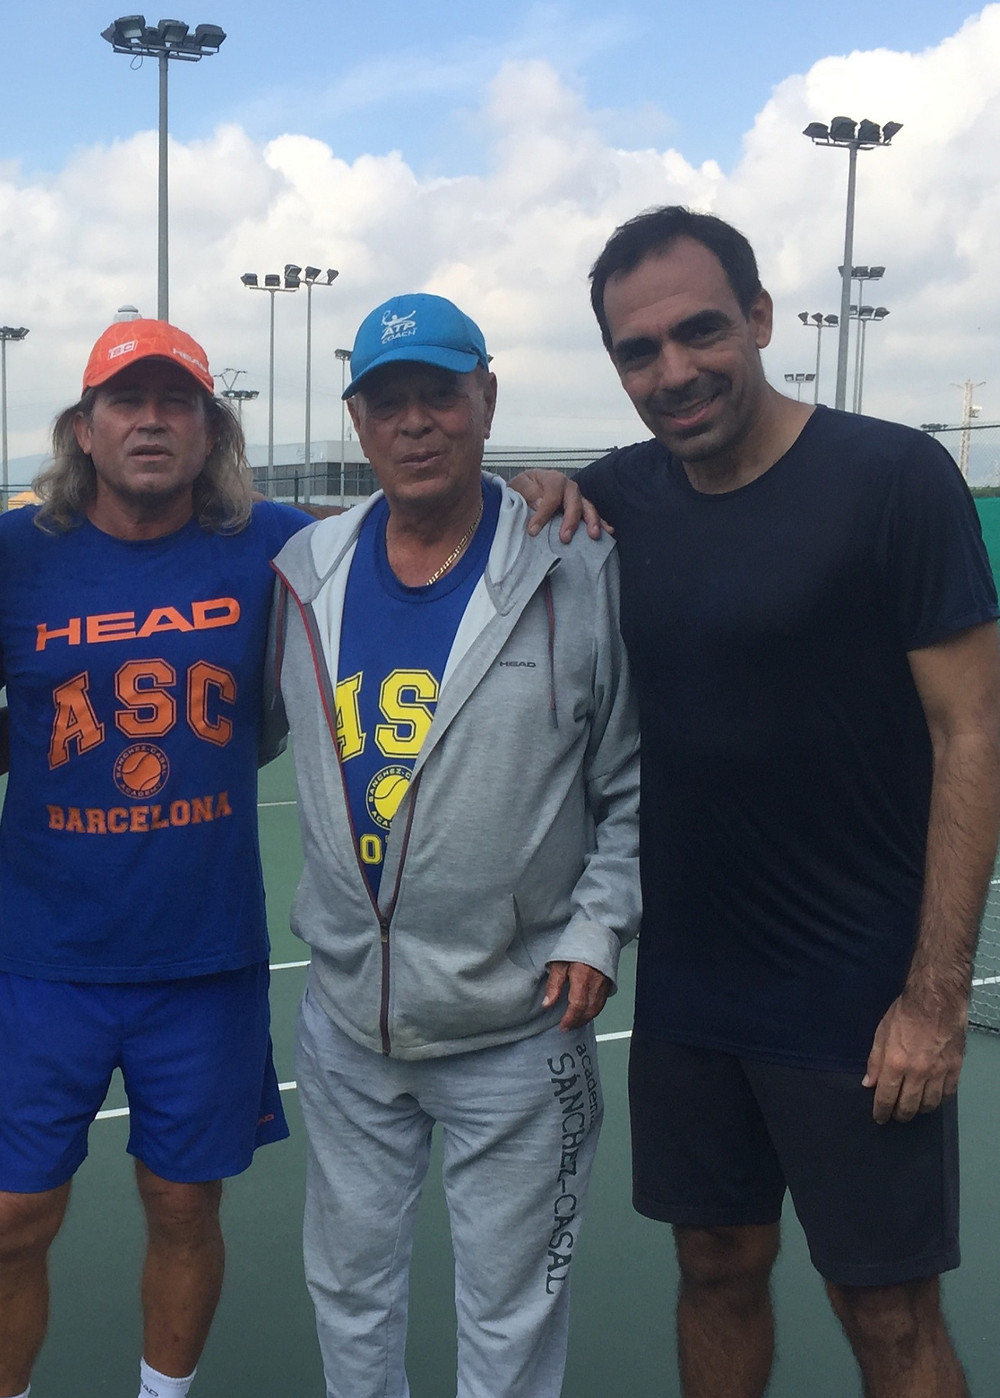 Daniel Sorribas (Left) Pato Alvarez (Center) Daniel Cruz (Right)